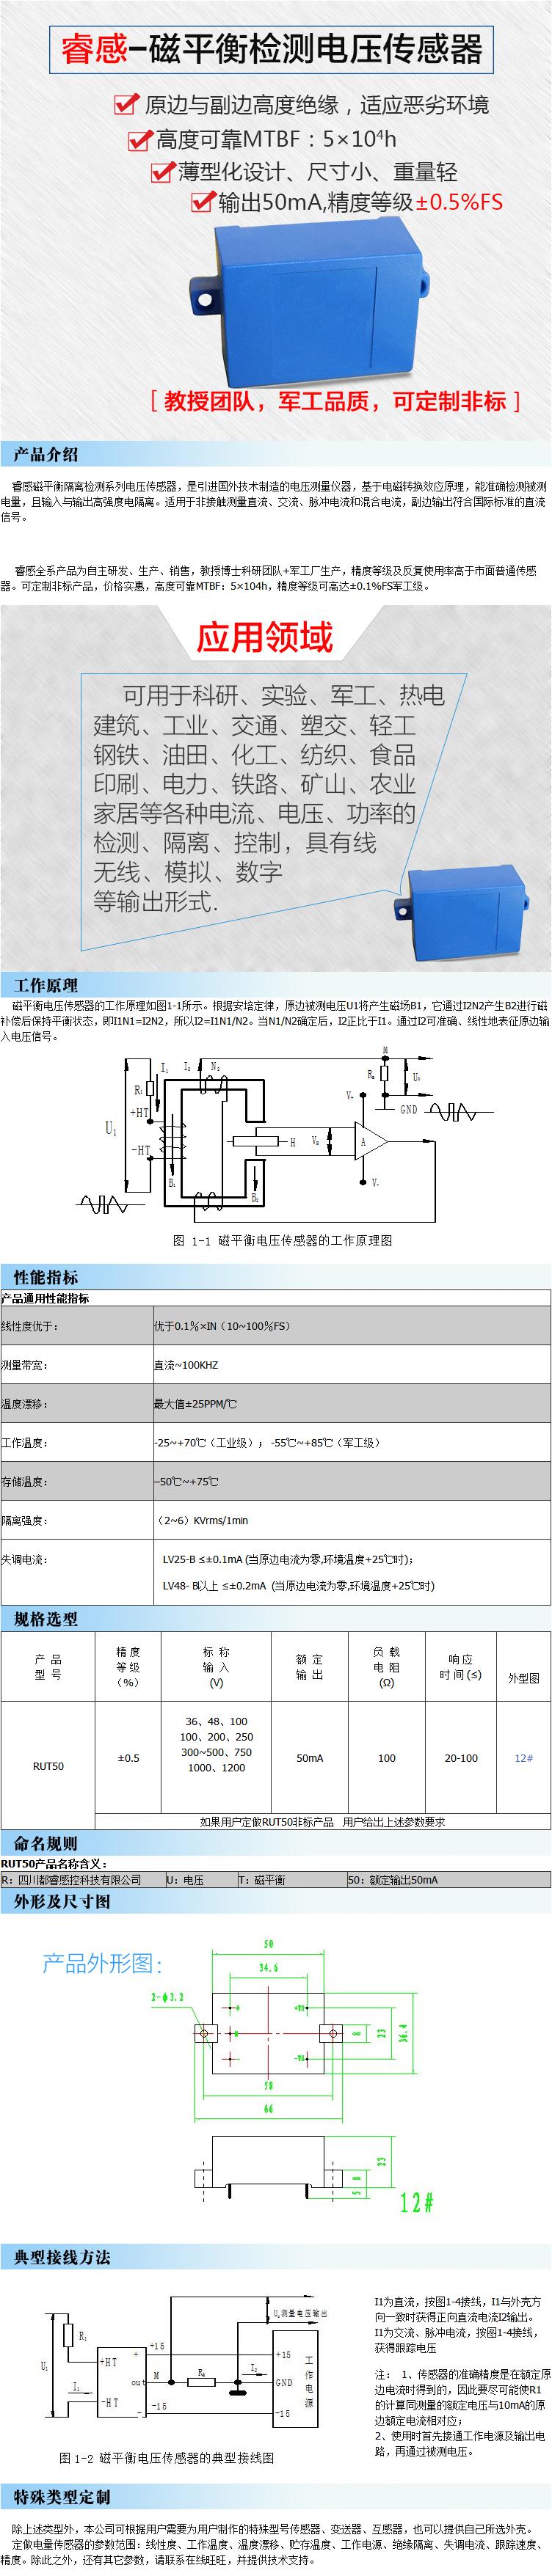 睿感RUT50 电压传感器模块50mA 磁平衡直流电压传感器高精度0.5%-淘宝网副本.png